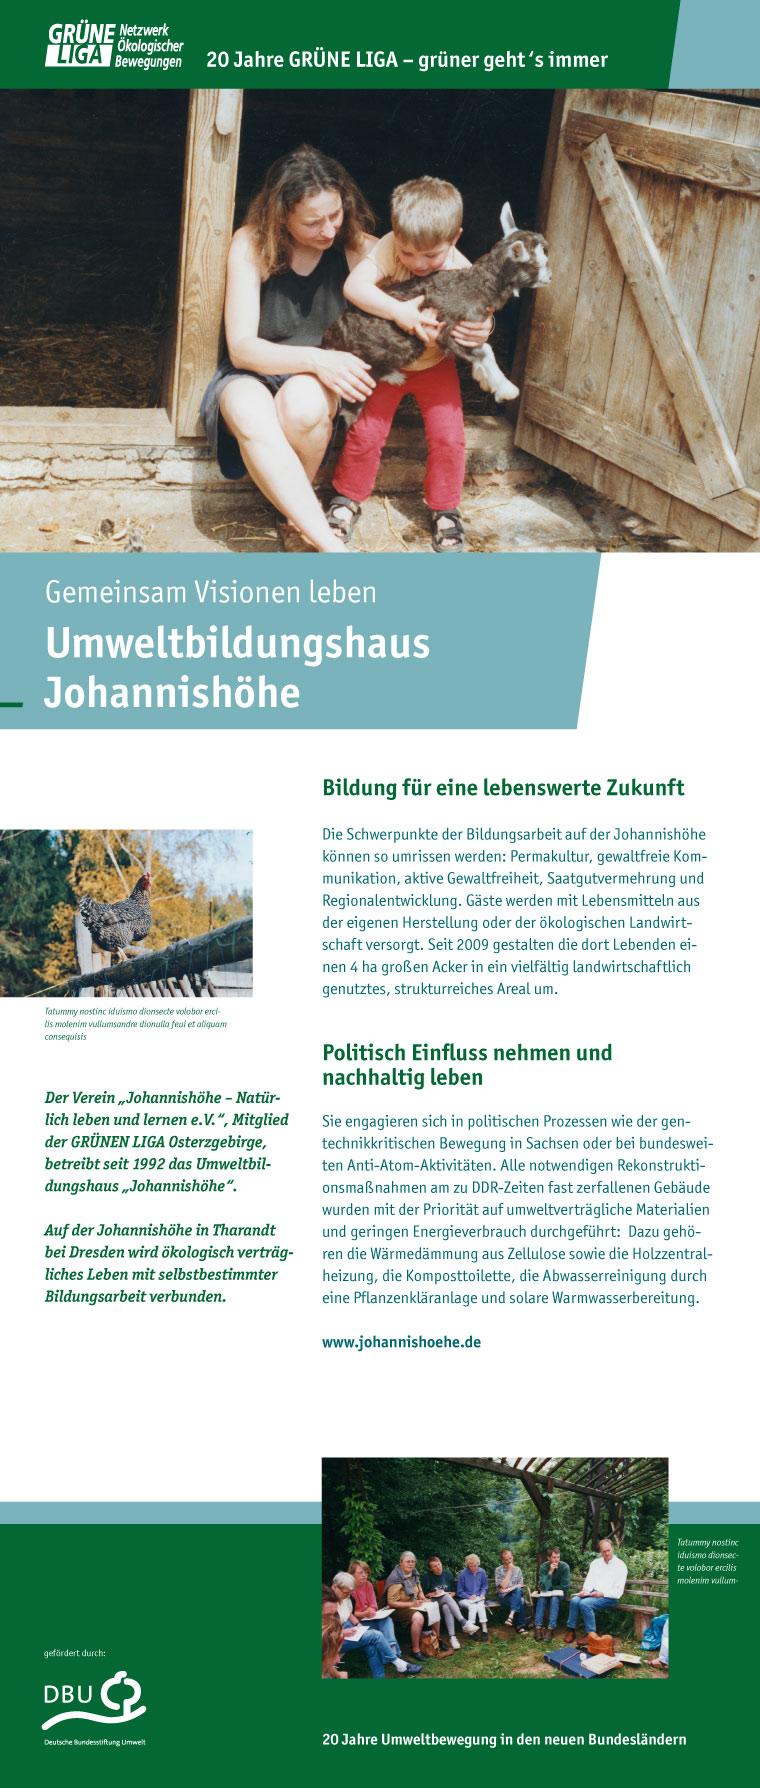 Gemeinsam Visionen erleben - Umweltbildungshaus Johannishoehe